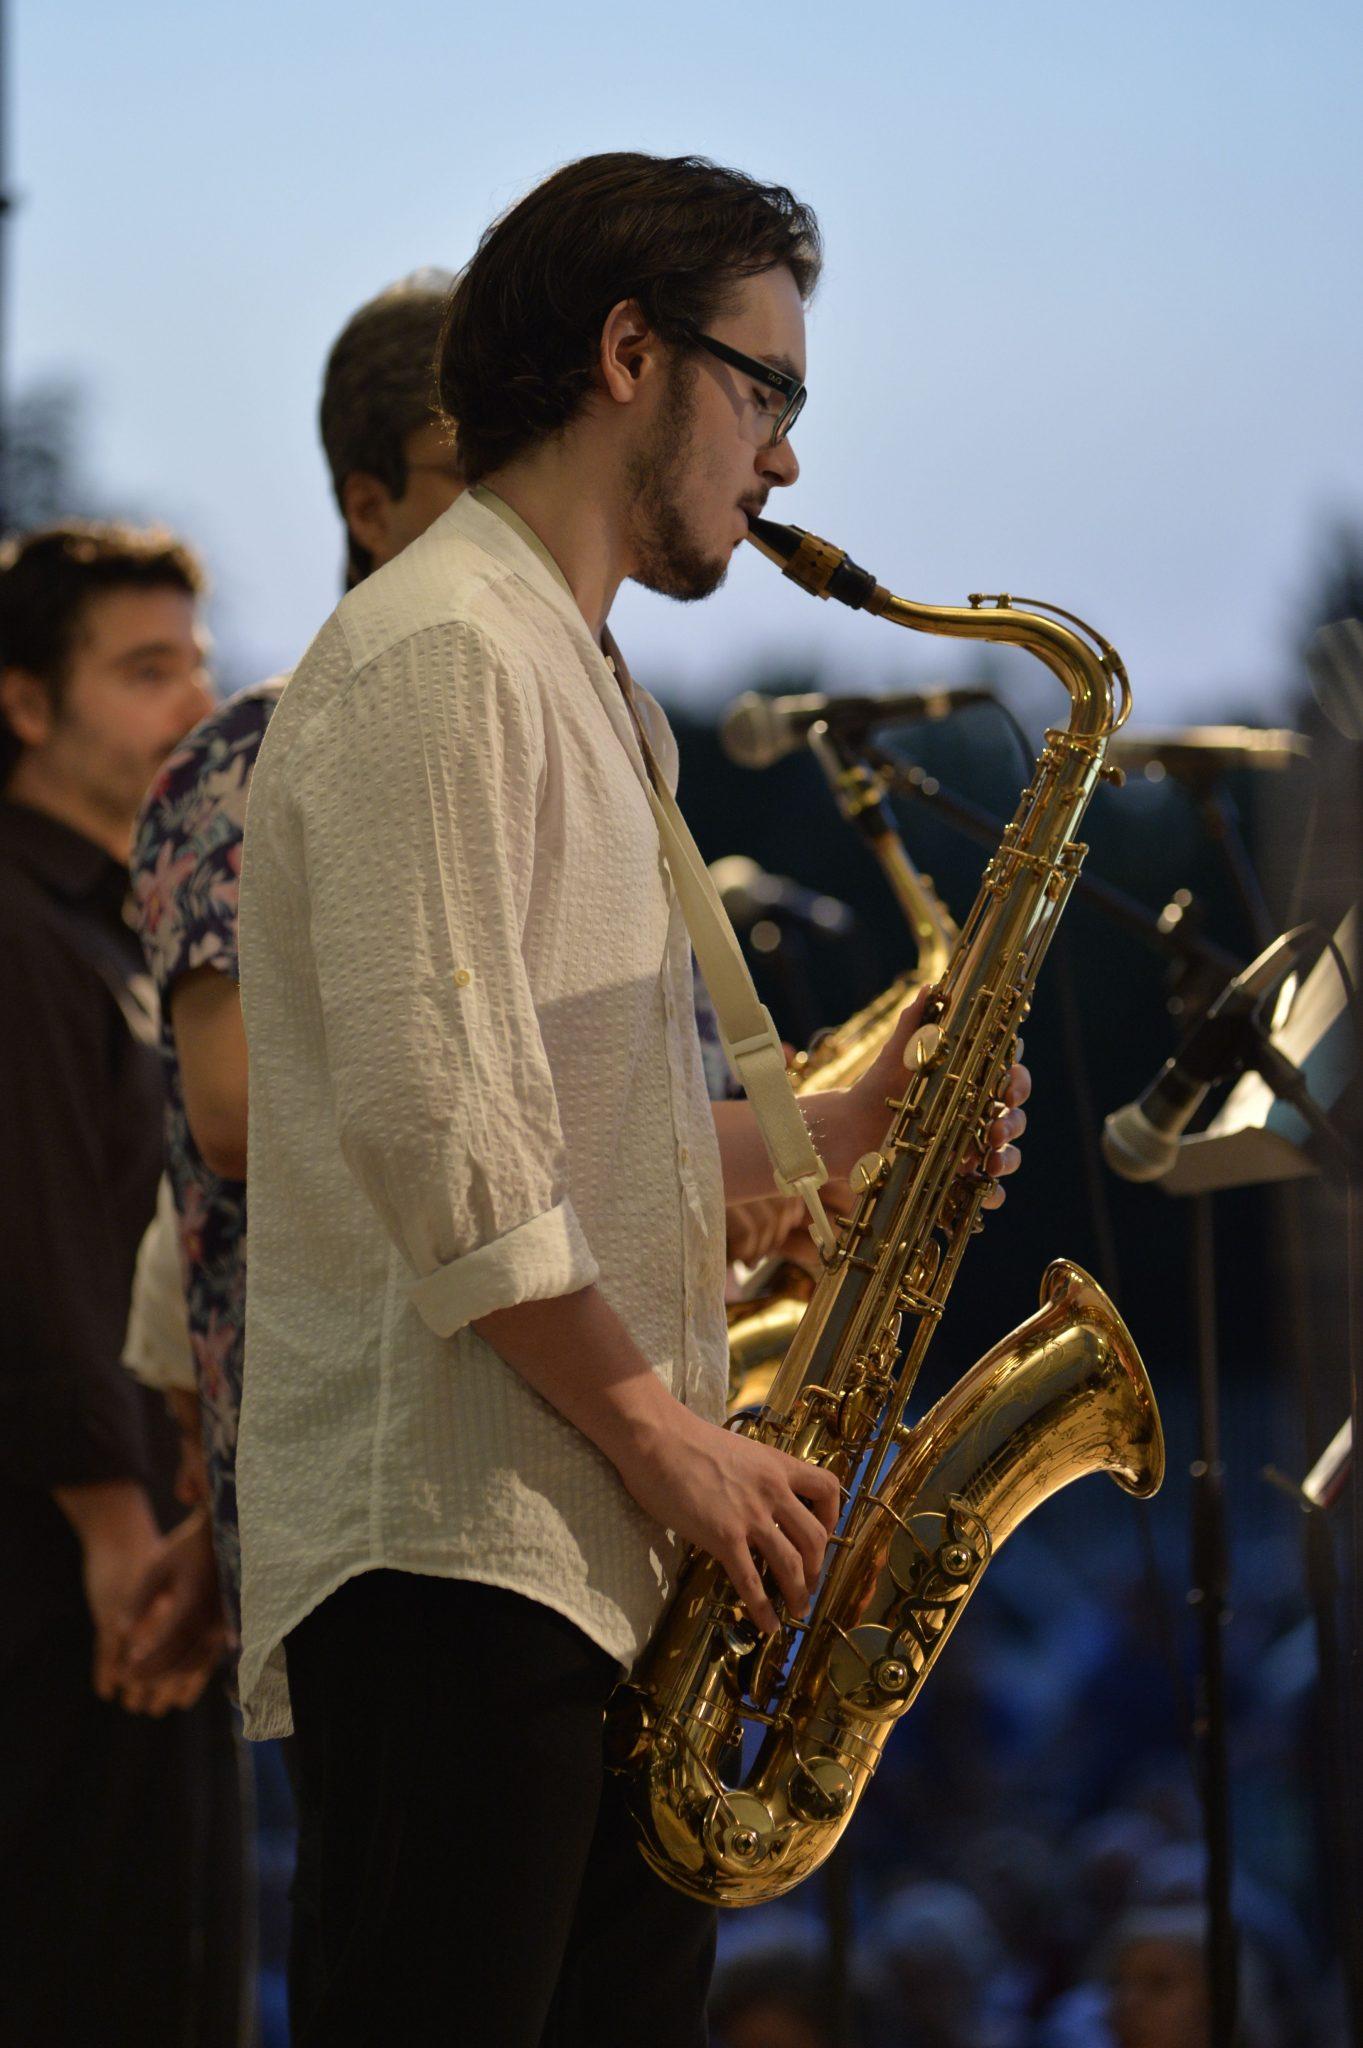 Concerti Jazz ai Bagni Misteriosi. A Milano, estate in musica a bordo piscina